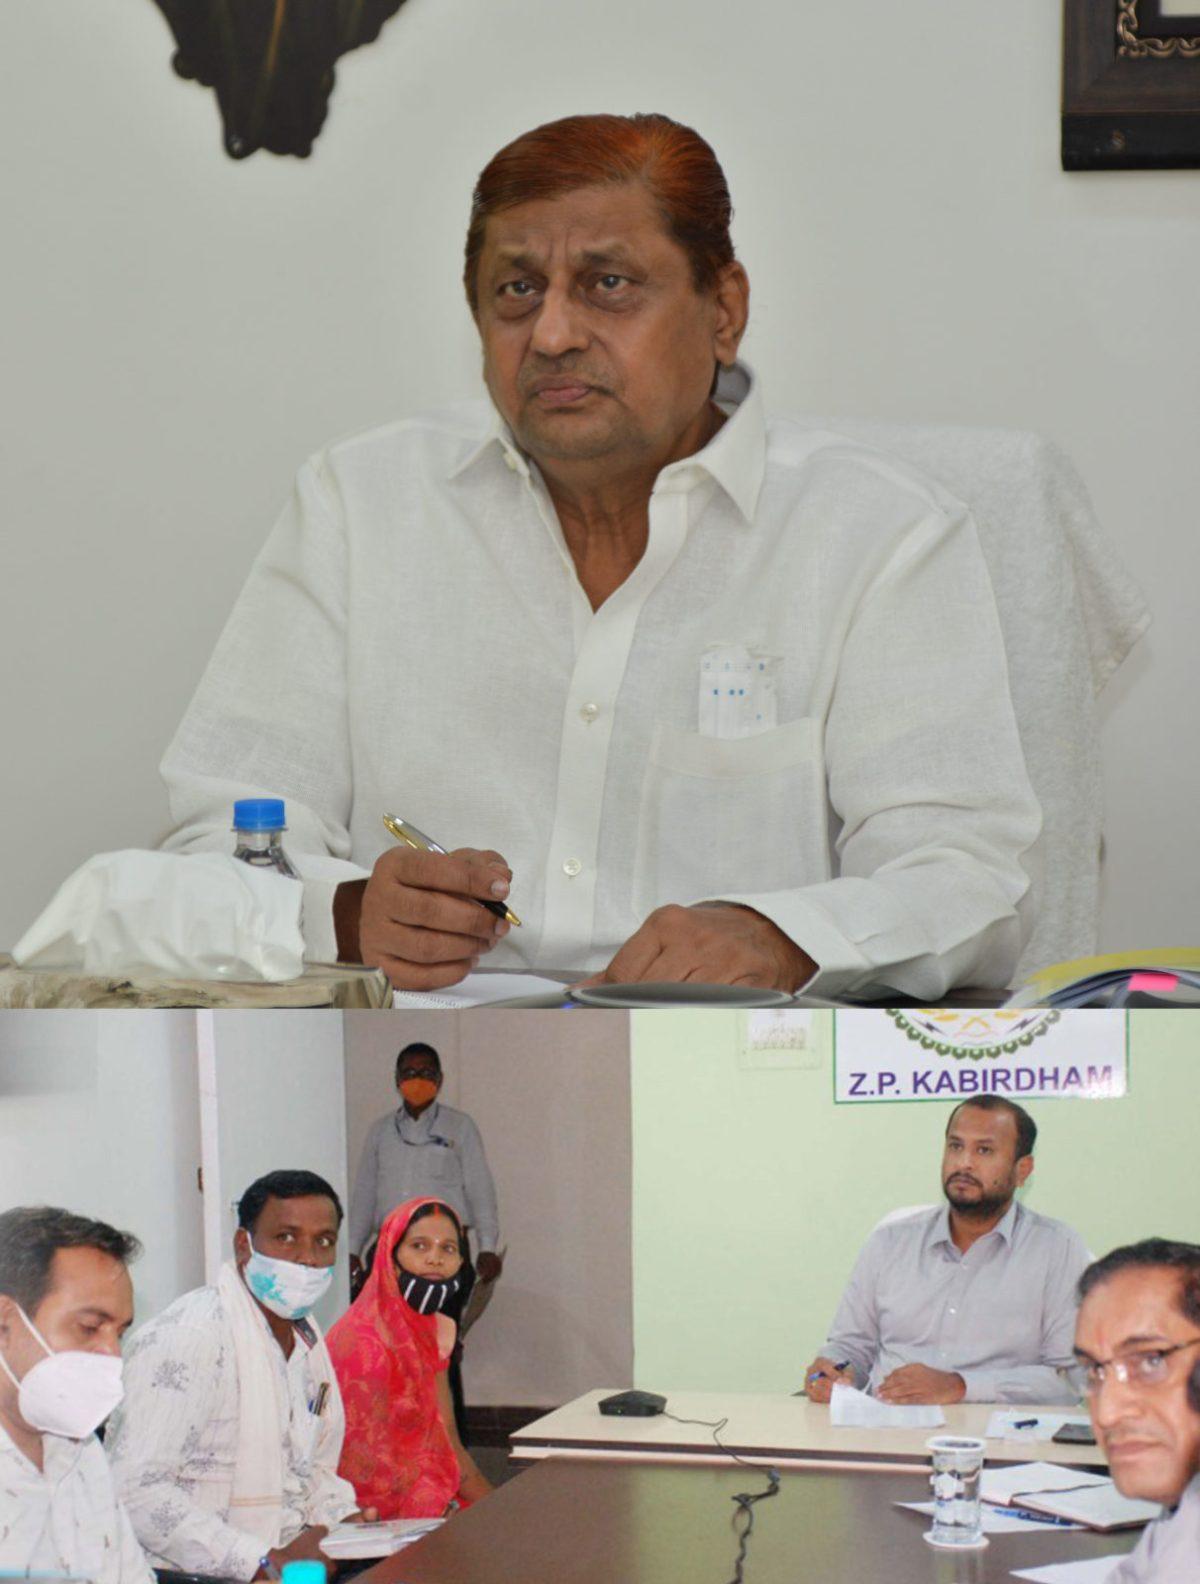 रायपुर :  बेहतर तालमेल और सामंजस्य से कार्य कर पंचायत एवं ग्रामीण विकास के कार्यों में लाएं गति :  वन मंत्री श्री अकबर